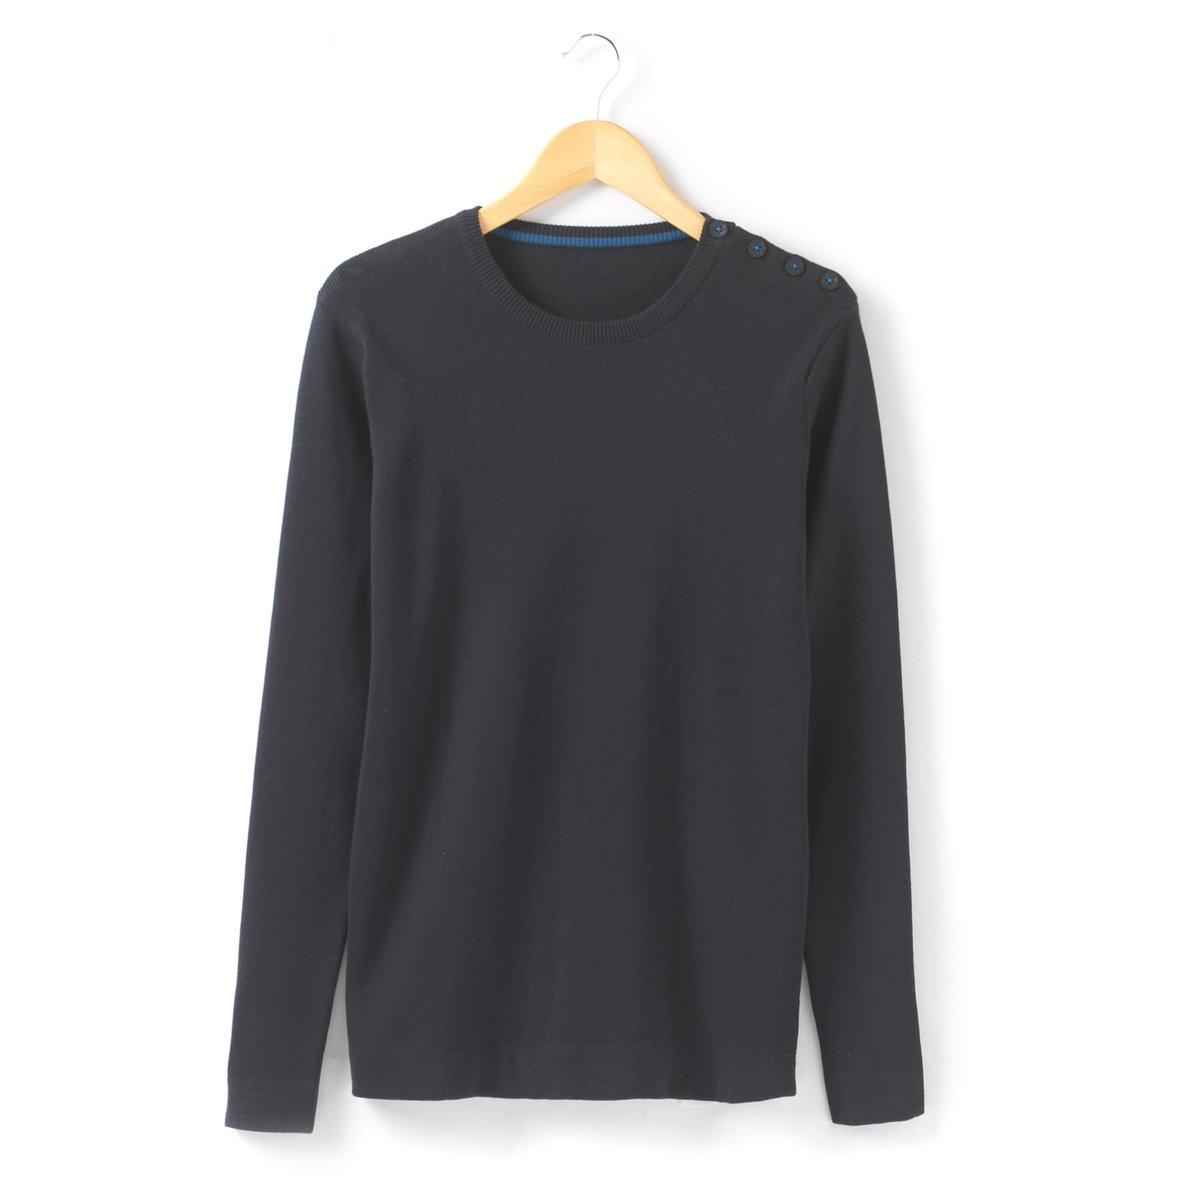 Пуловер с круглым вырезомПуловер с круглым вырезом. 100% хлопка. Застежка-планка на пуговицы на плече. Длинные рукава. Длина 68 см.<br><br>Цвет: синий морской<br>Размер: S